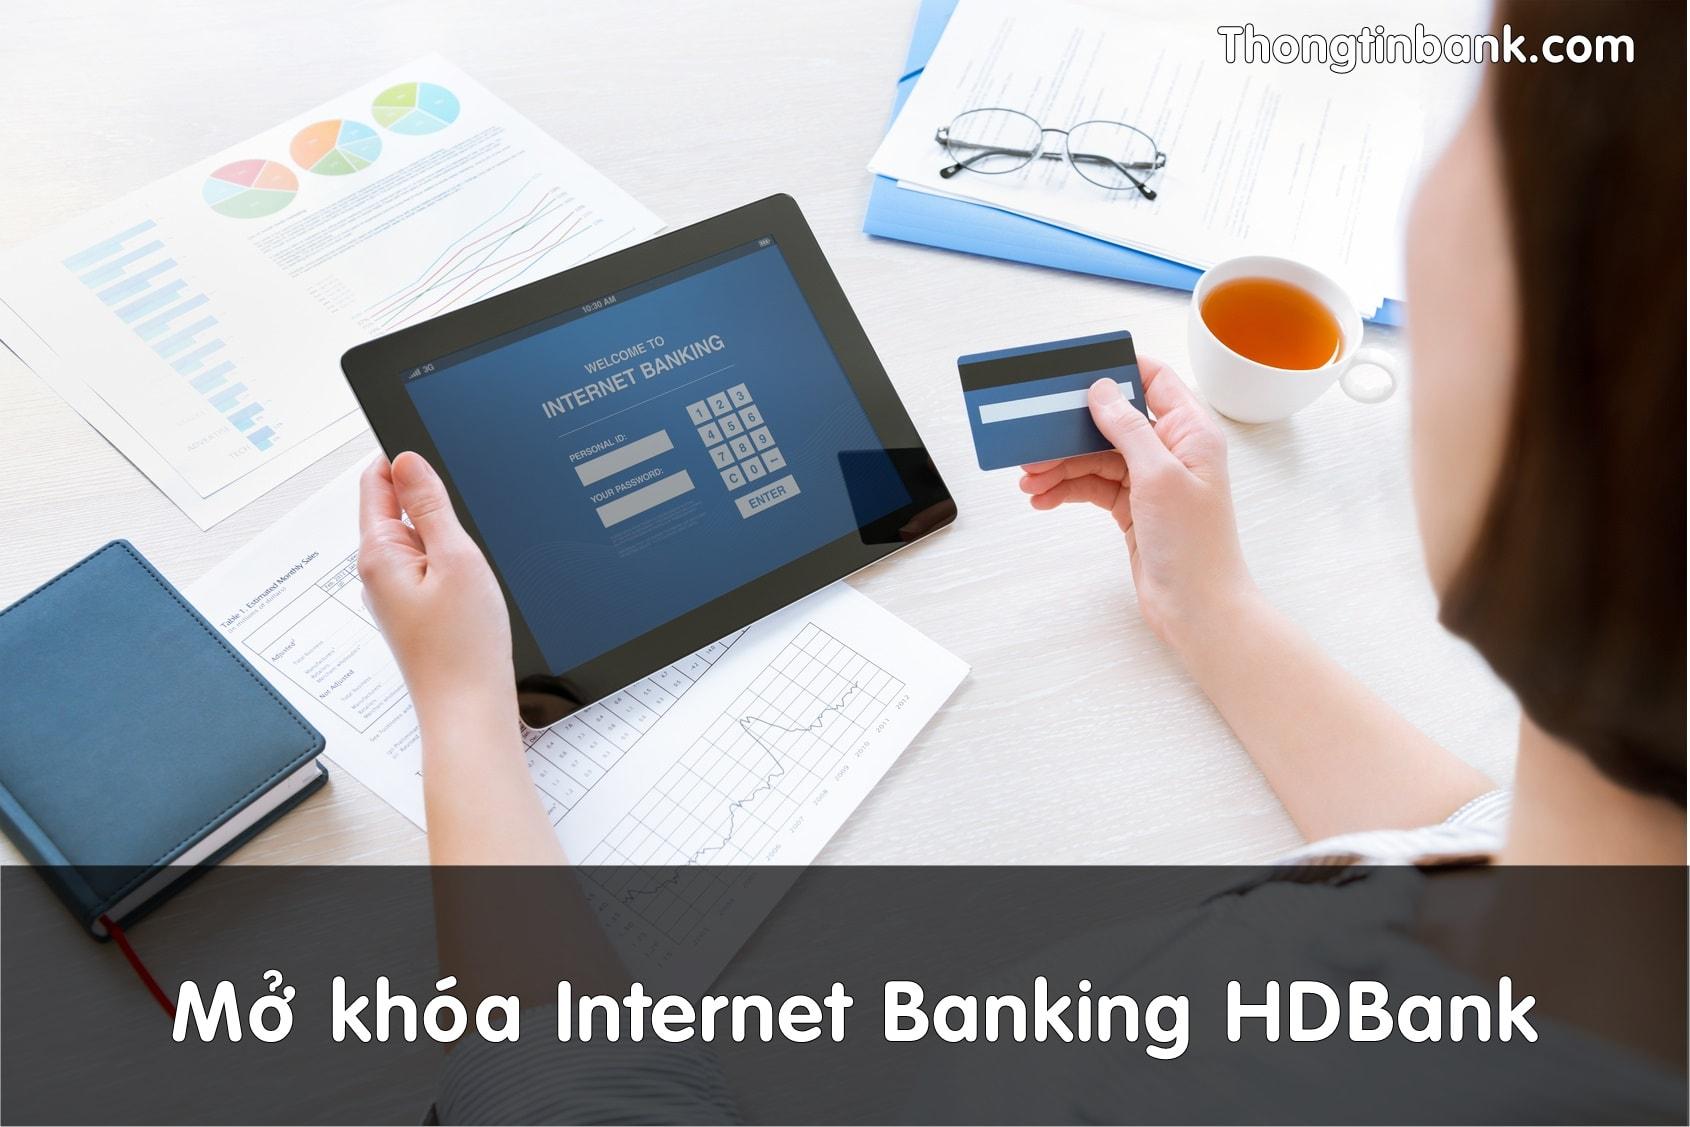 mo khoa internet banking hdbank